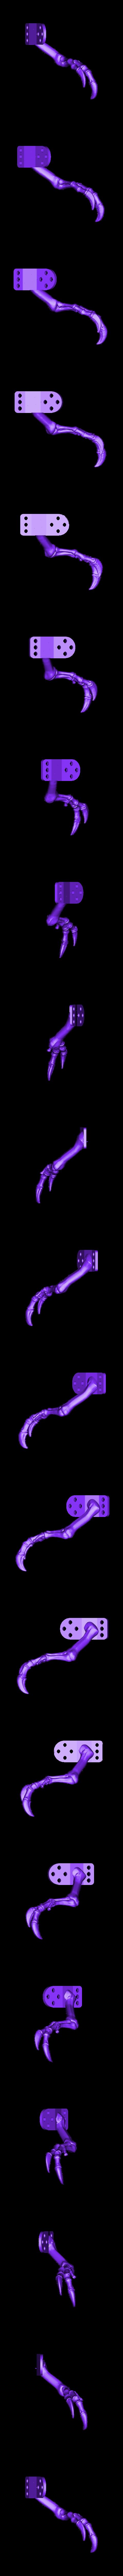 trex_arm_L.stl Télécharger fichier STL gratuit L'Ergosaurus Rex (Poppy Ergo Jr avec des pièces imprimées T-Rex 3D) • Design à imprimer en 3D, PoppyProject